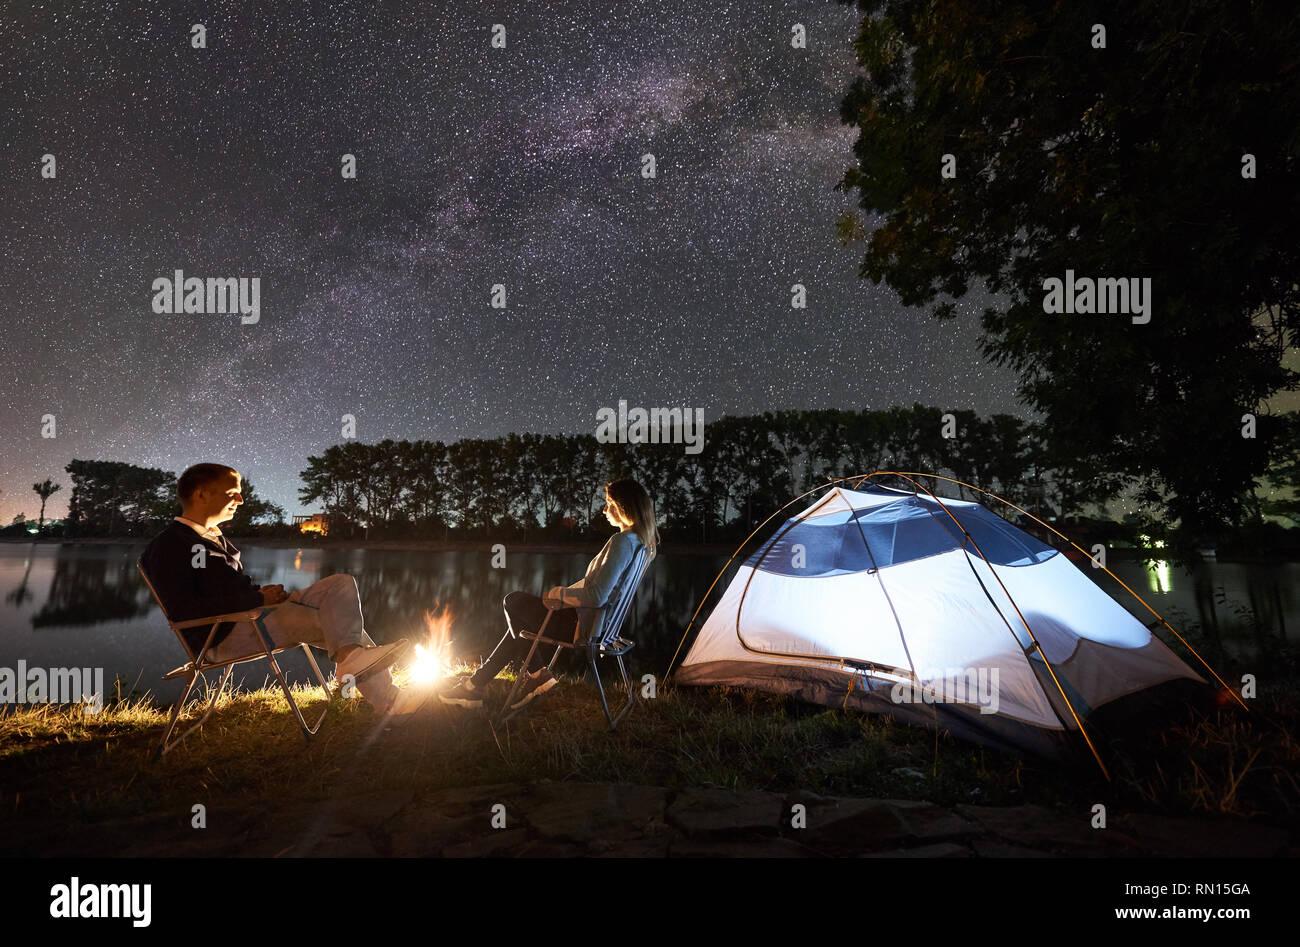 Nuit camping à bord du lac. L'homme et la femme amis assis sur des chaises près de camp et allumé tente, avec des avis de soir ciel plein d'étoiles et Milky Way, les lumières de la ville, sur l'arrière-plan. Banque D'Images